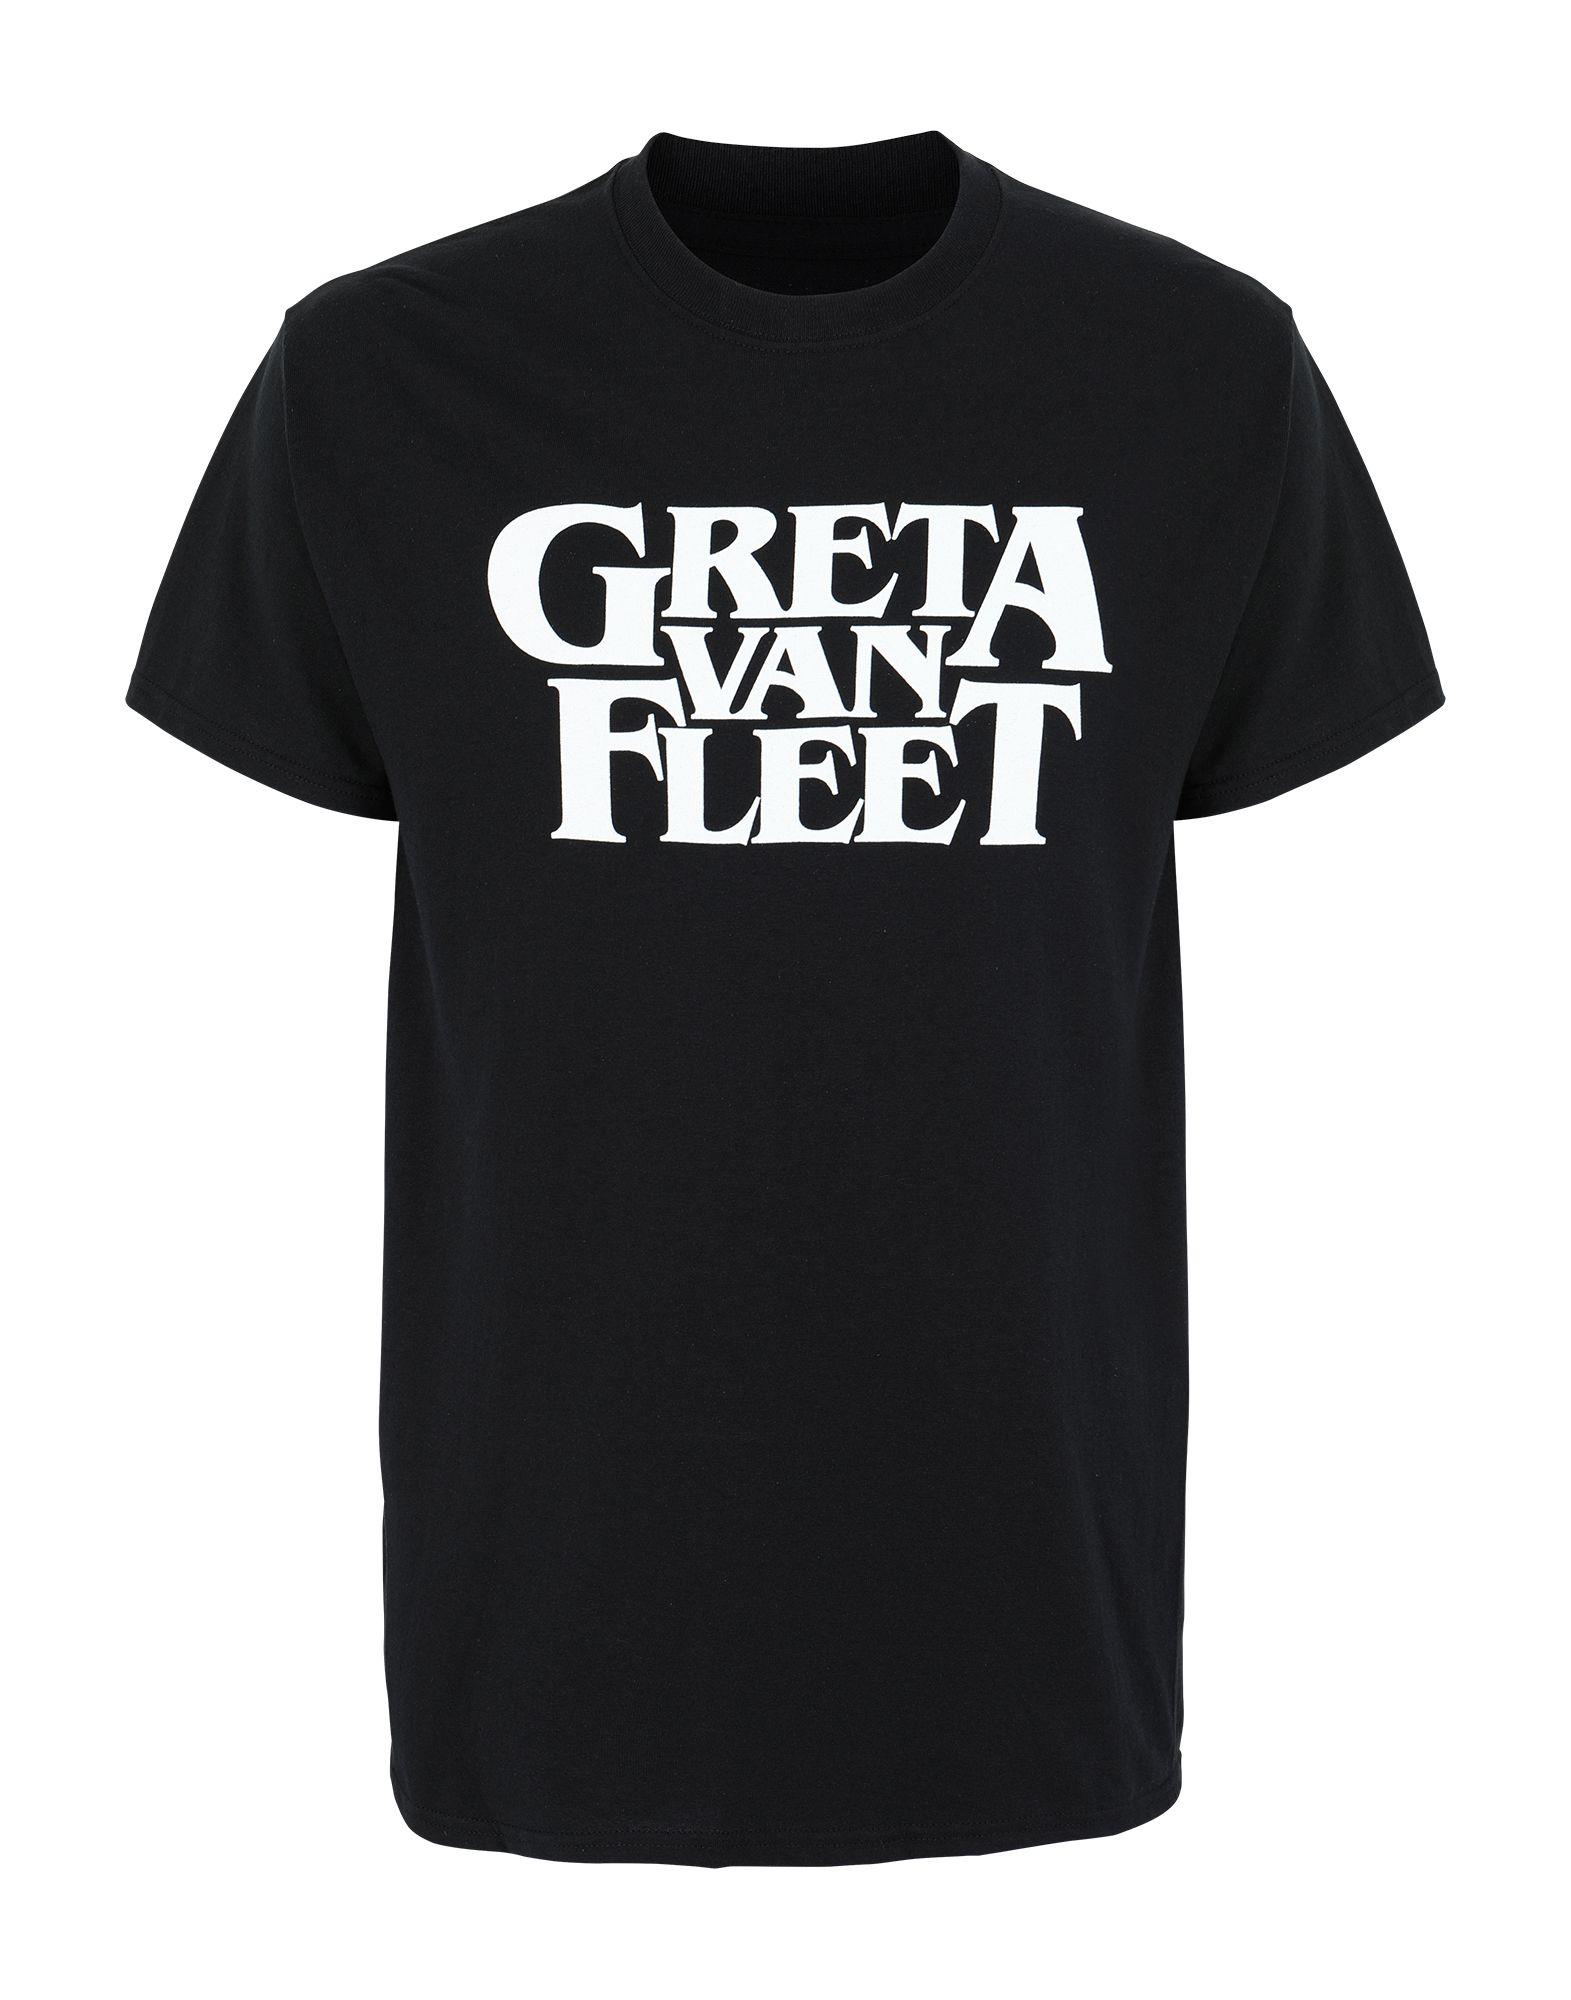 купить GRETA VAN FLEET ™ Футболка дешево